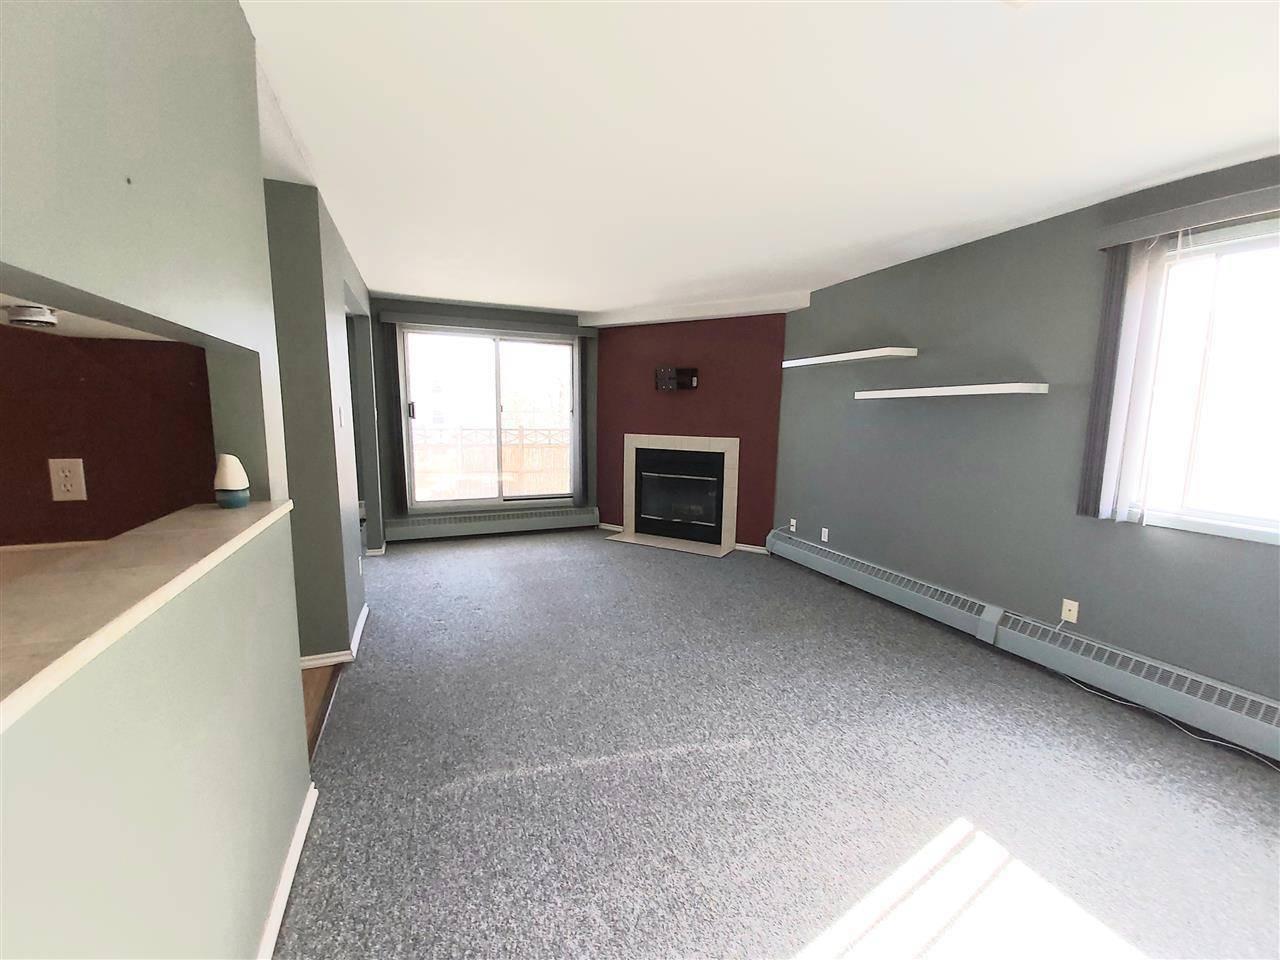 Condo for sale at 11045 123 St Nw Unit 302 Edmonton Alberta - MLS: E4190596